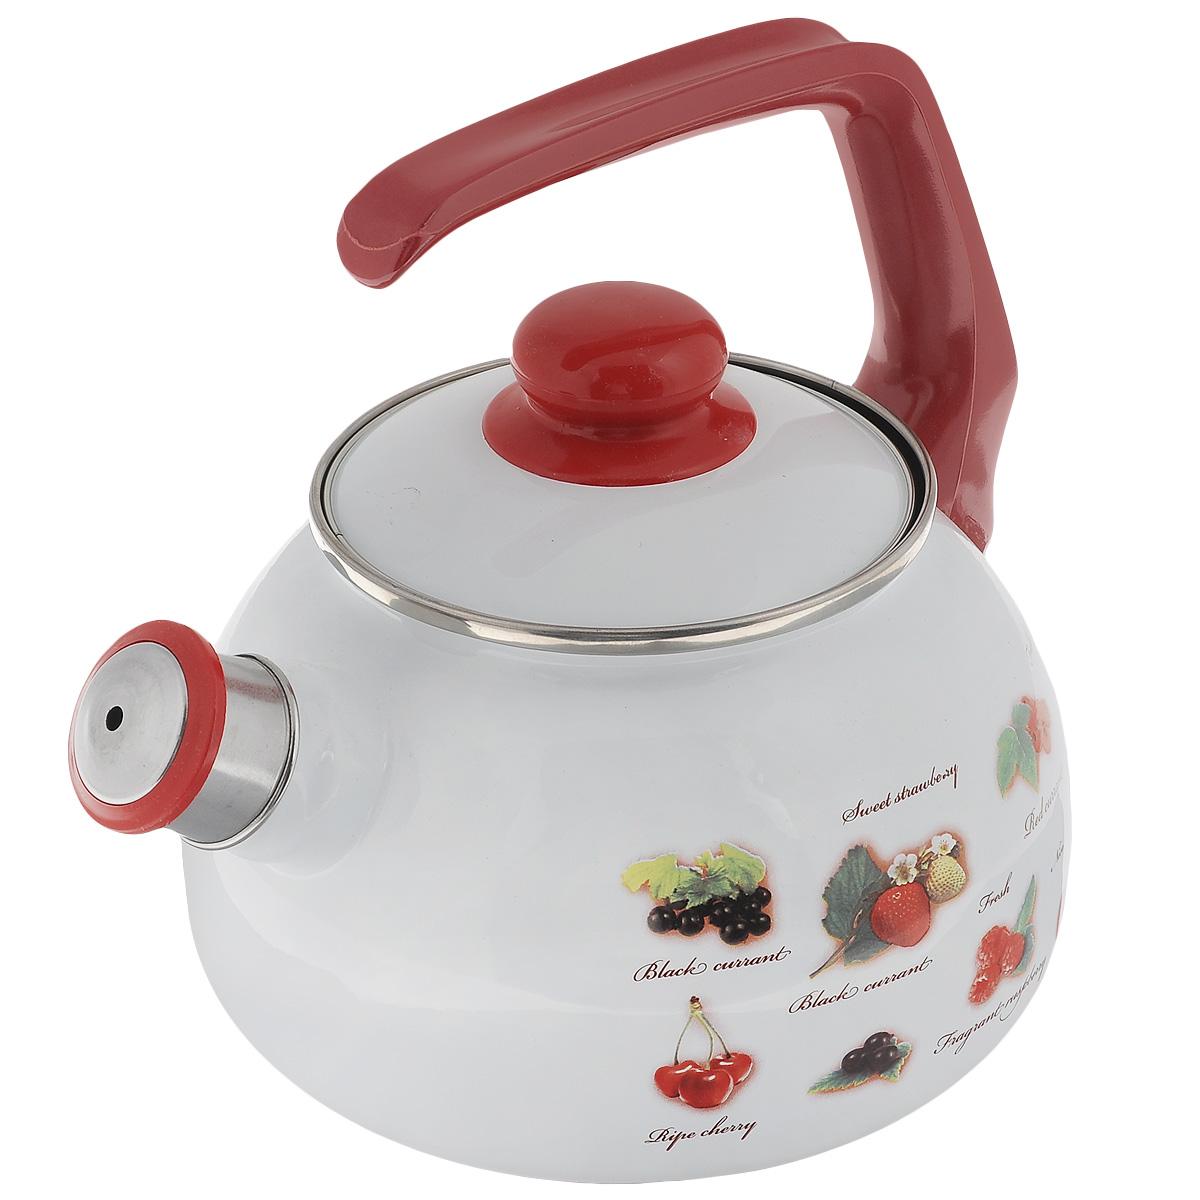 Чайник Metrot Ягоды, со свистком, 2,5 лVT-1520(SR)Чайник Metrot Ягоды выполнен из высококачественной стали, что обеспечивает долговечность использования. Внешнее цветное эмалевое покрытие придает приятный внешний вид. Бакелитовая фиксированная ручка делает использование чайника очень удобным и безопасным. Чайник снабжен съемным свистком.Можно мыть в посудомоечной машине. Пригоден для всех видов плит, включая индукционные.Высота чайника (без учета крышки и ручки): 13 см.Диаметр (по верхнему краю): 13 см.